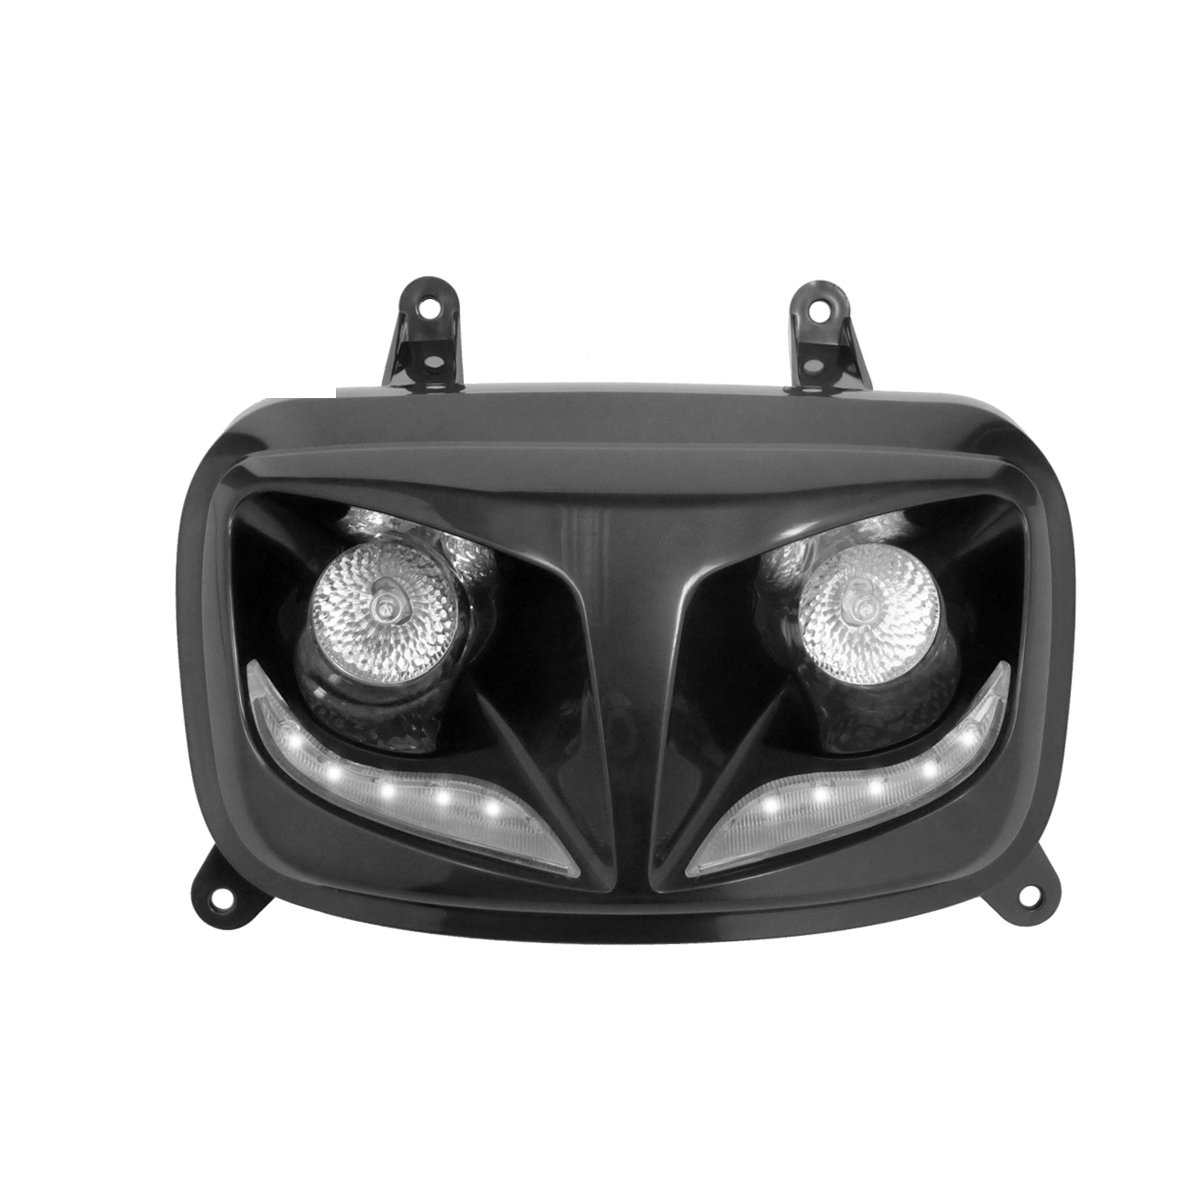 TNTTU Double Optique 2 Lampes Halogè ne et LED Eyelight Adaptateur Booster, Noir/Blanc SACIM Distribution 201307A